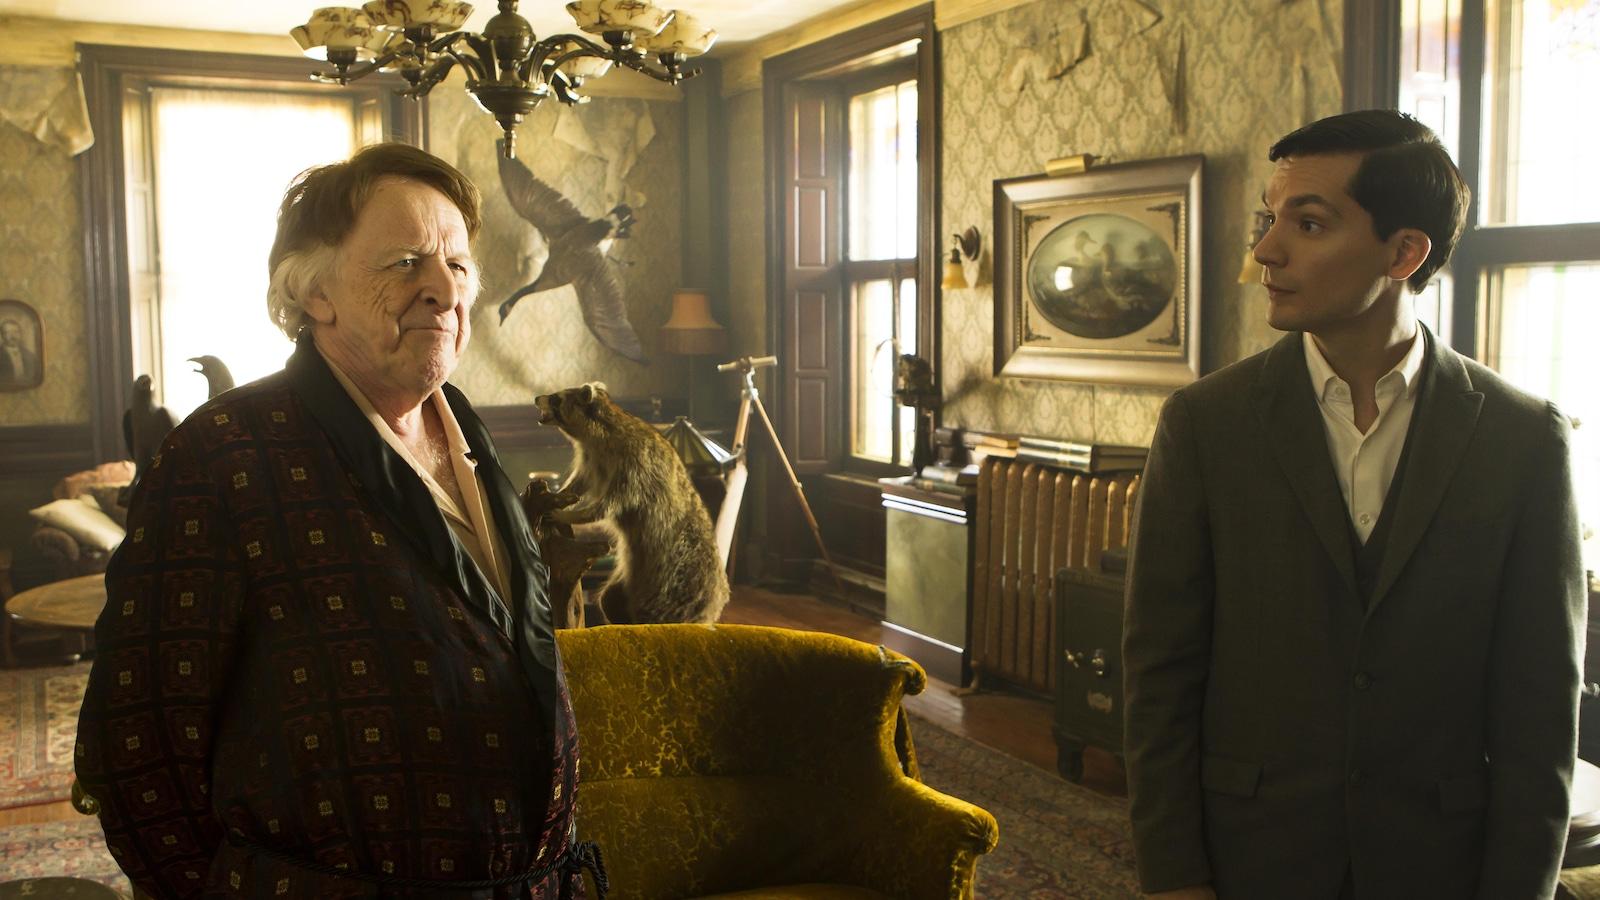 Deux hommes, dont un en robe de chambre, dans un salon richement décoré.